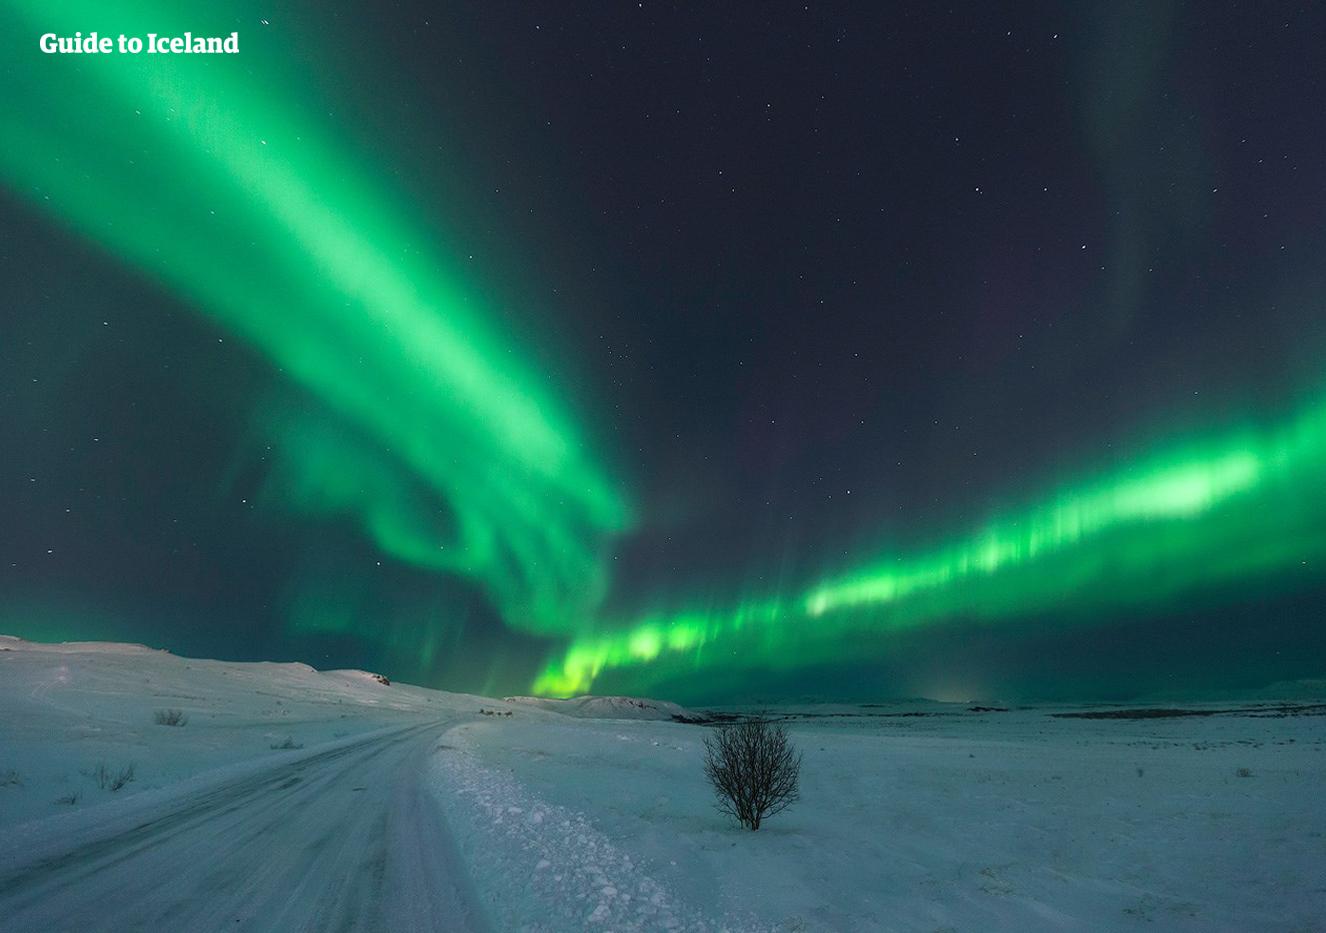 Reisende mit Mietwagen können selbst entscheiden, wo sie nach den Nordlichtern suchen und wie lange sie verweilen wollen, sodass die Chancen, dieses atemberaubende Phänomen zu sehen, maximiert werden.